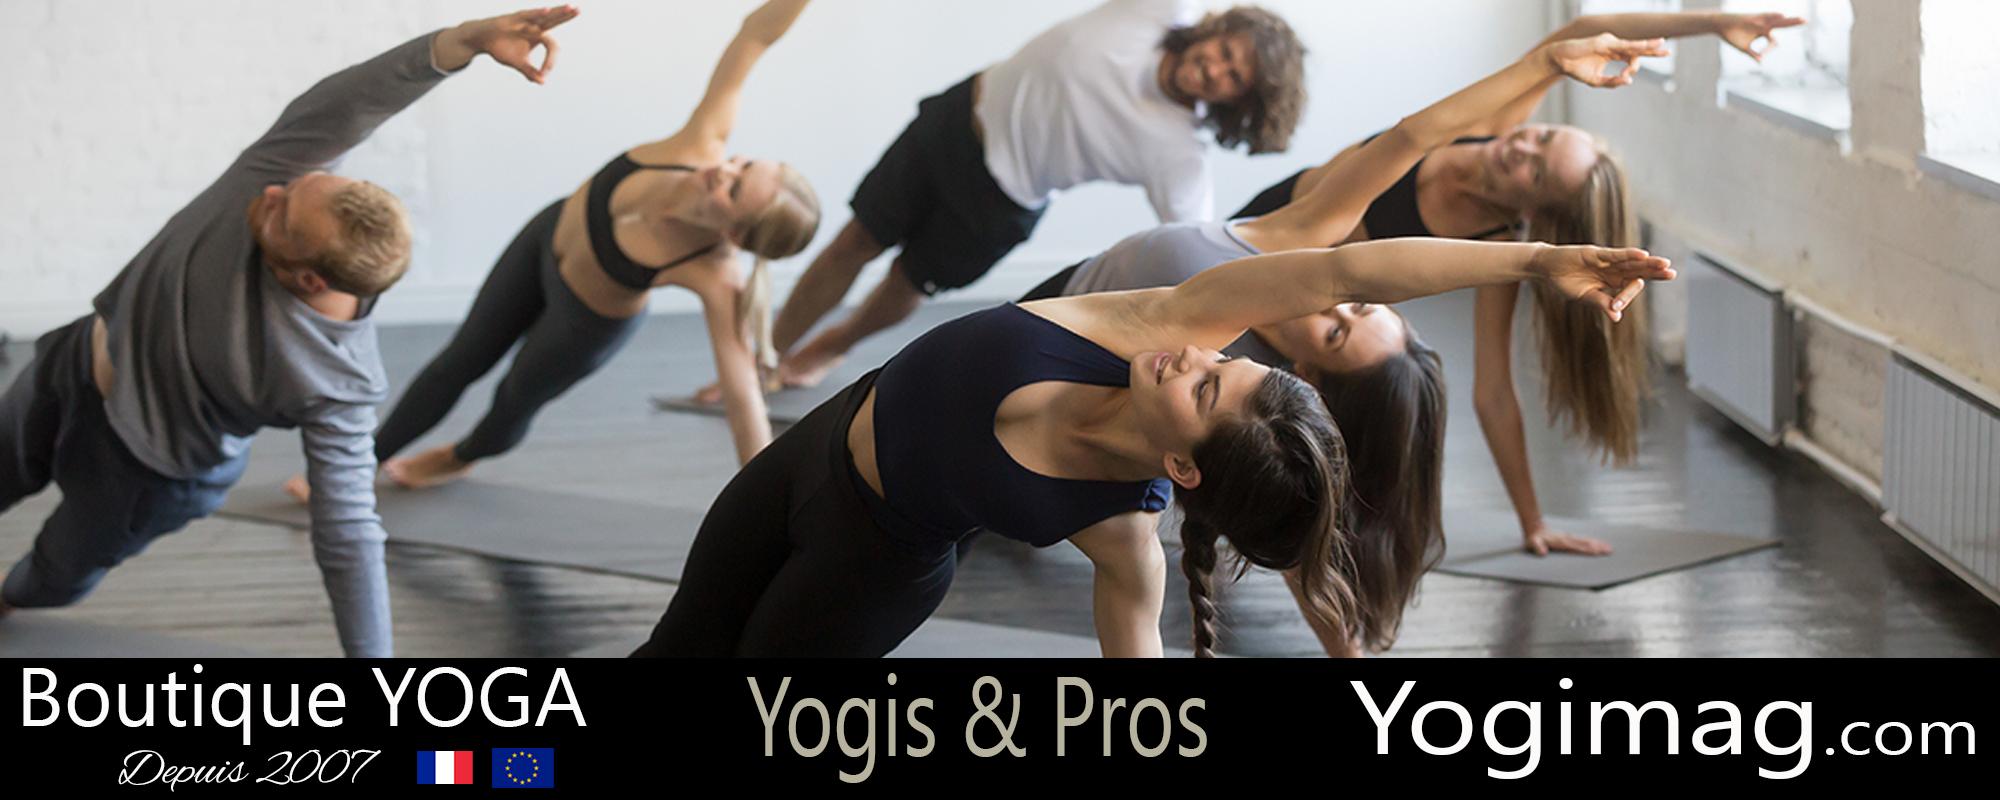 Boutique yoga - accessoires & tapis de yoga